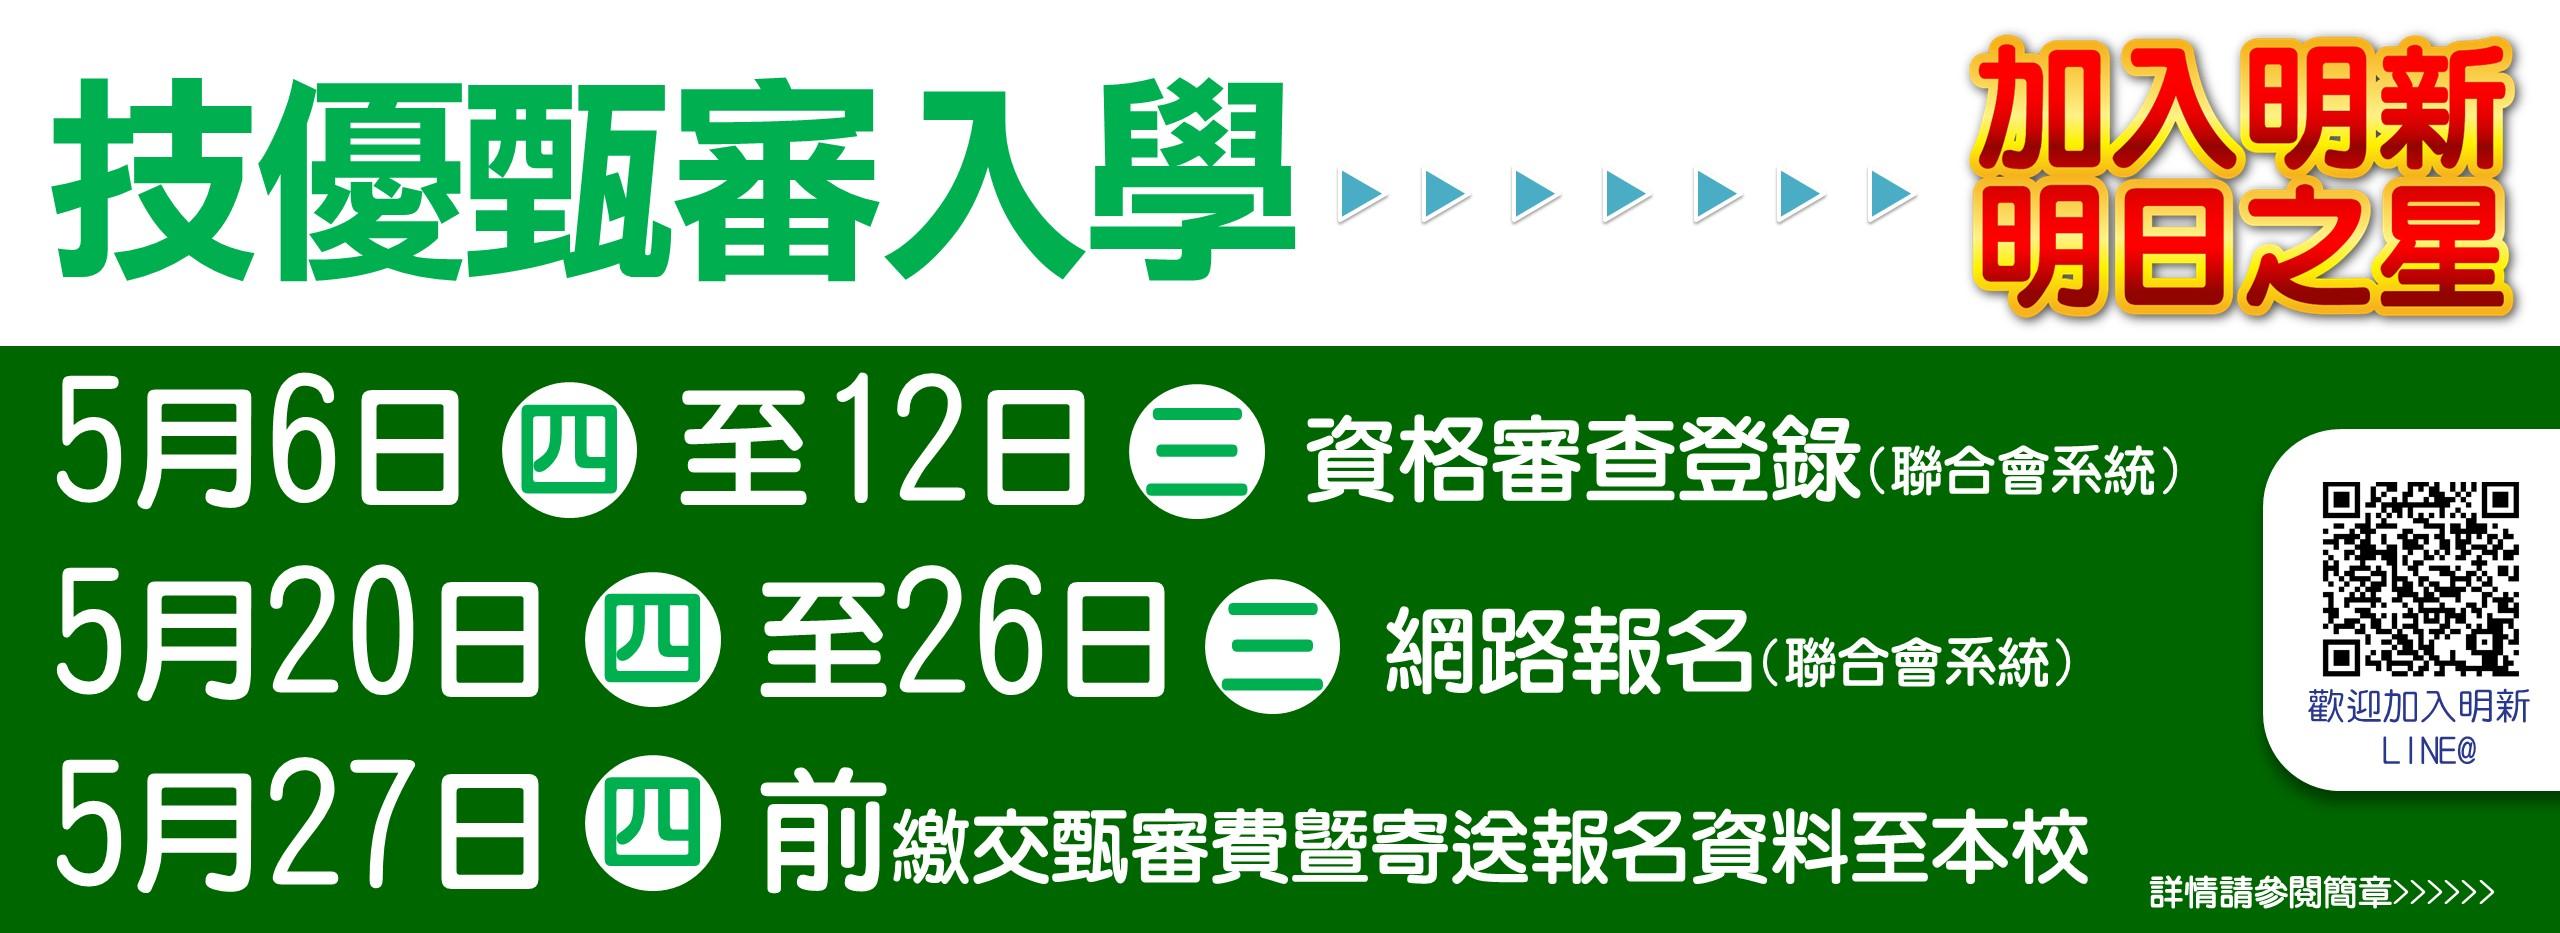 20210527_110技優_報名